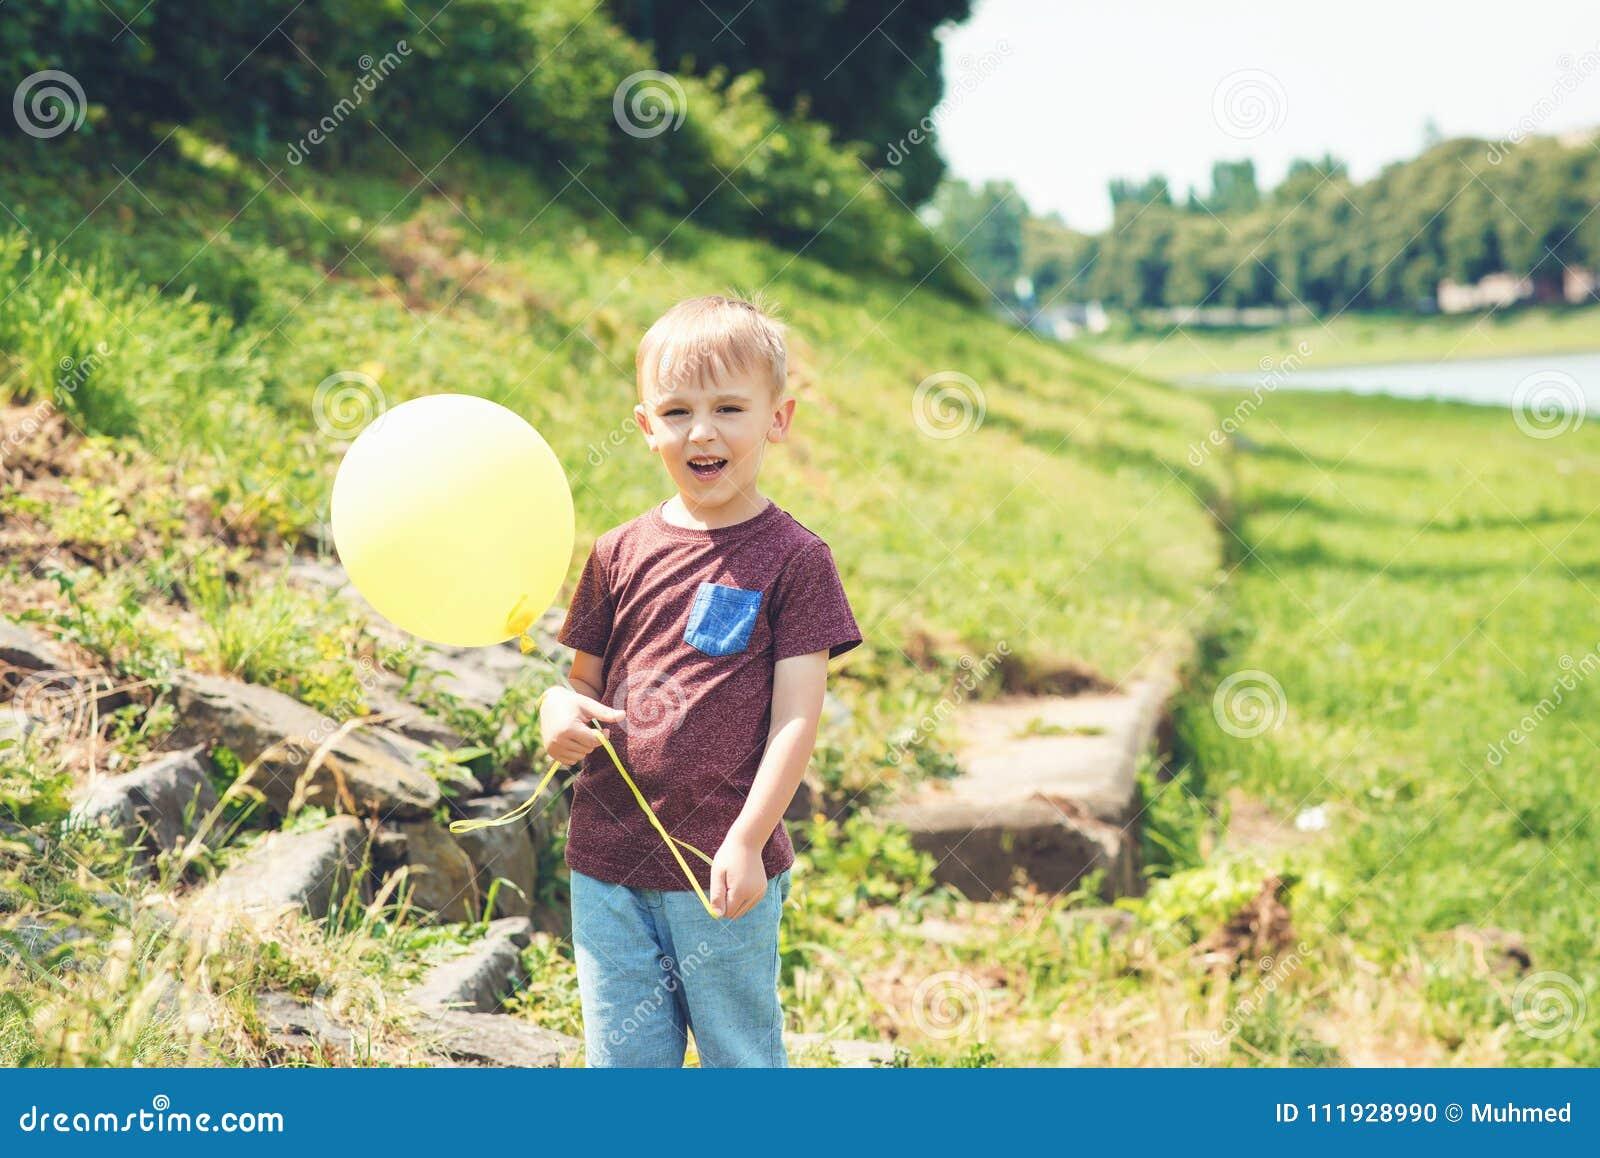 Pequeño juego divertido del muchacho con el globo amarillo al aire libre